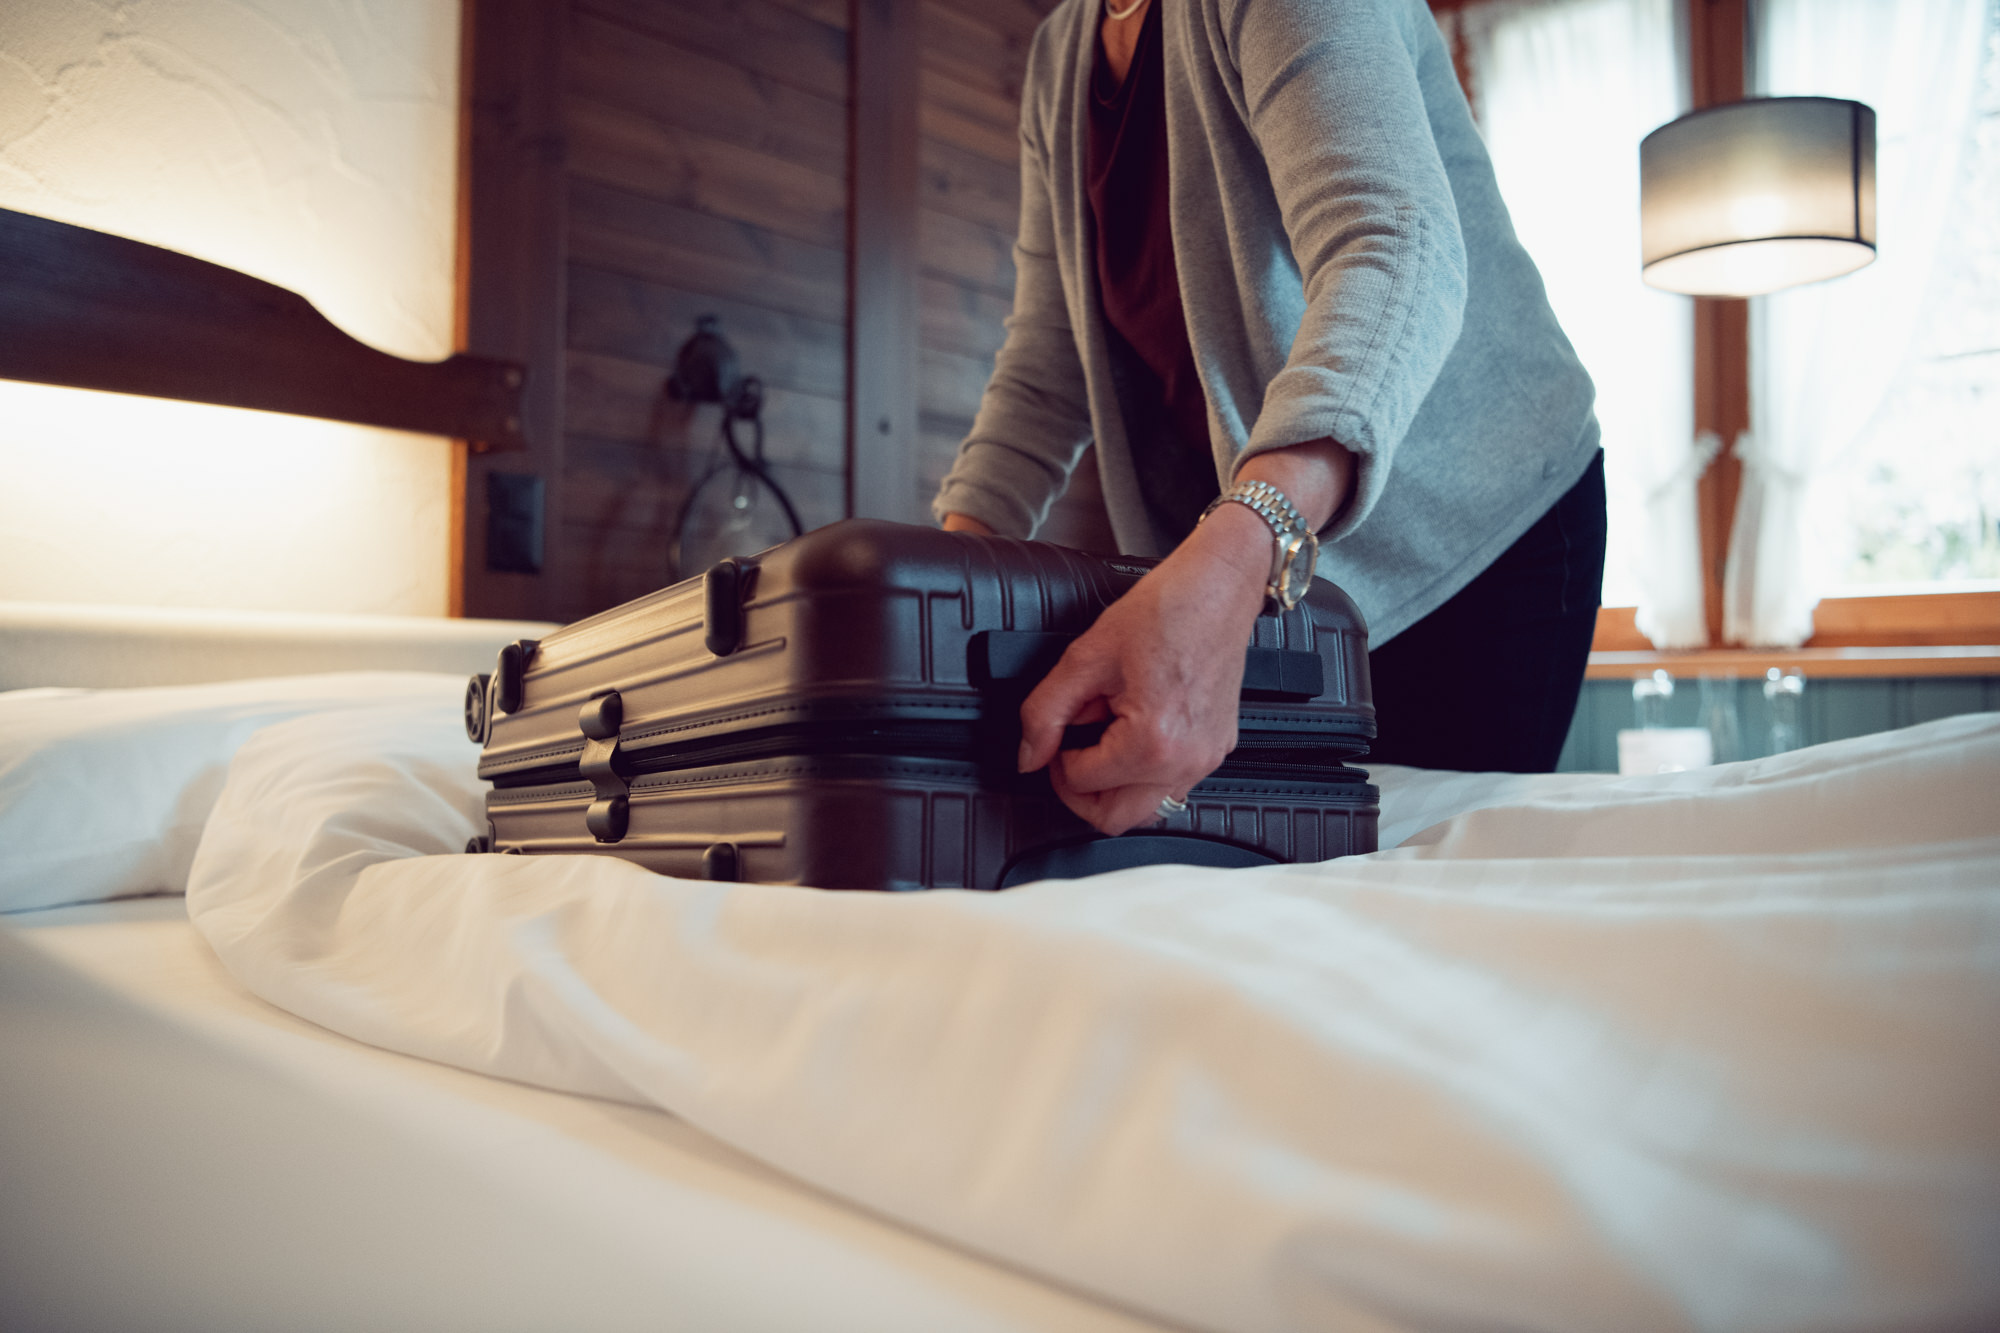 hotellerie_suisse18.jpg